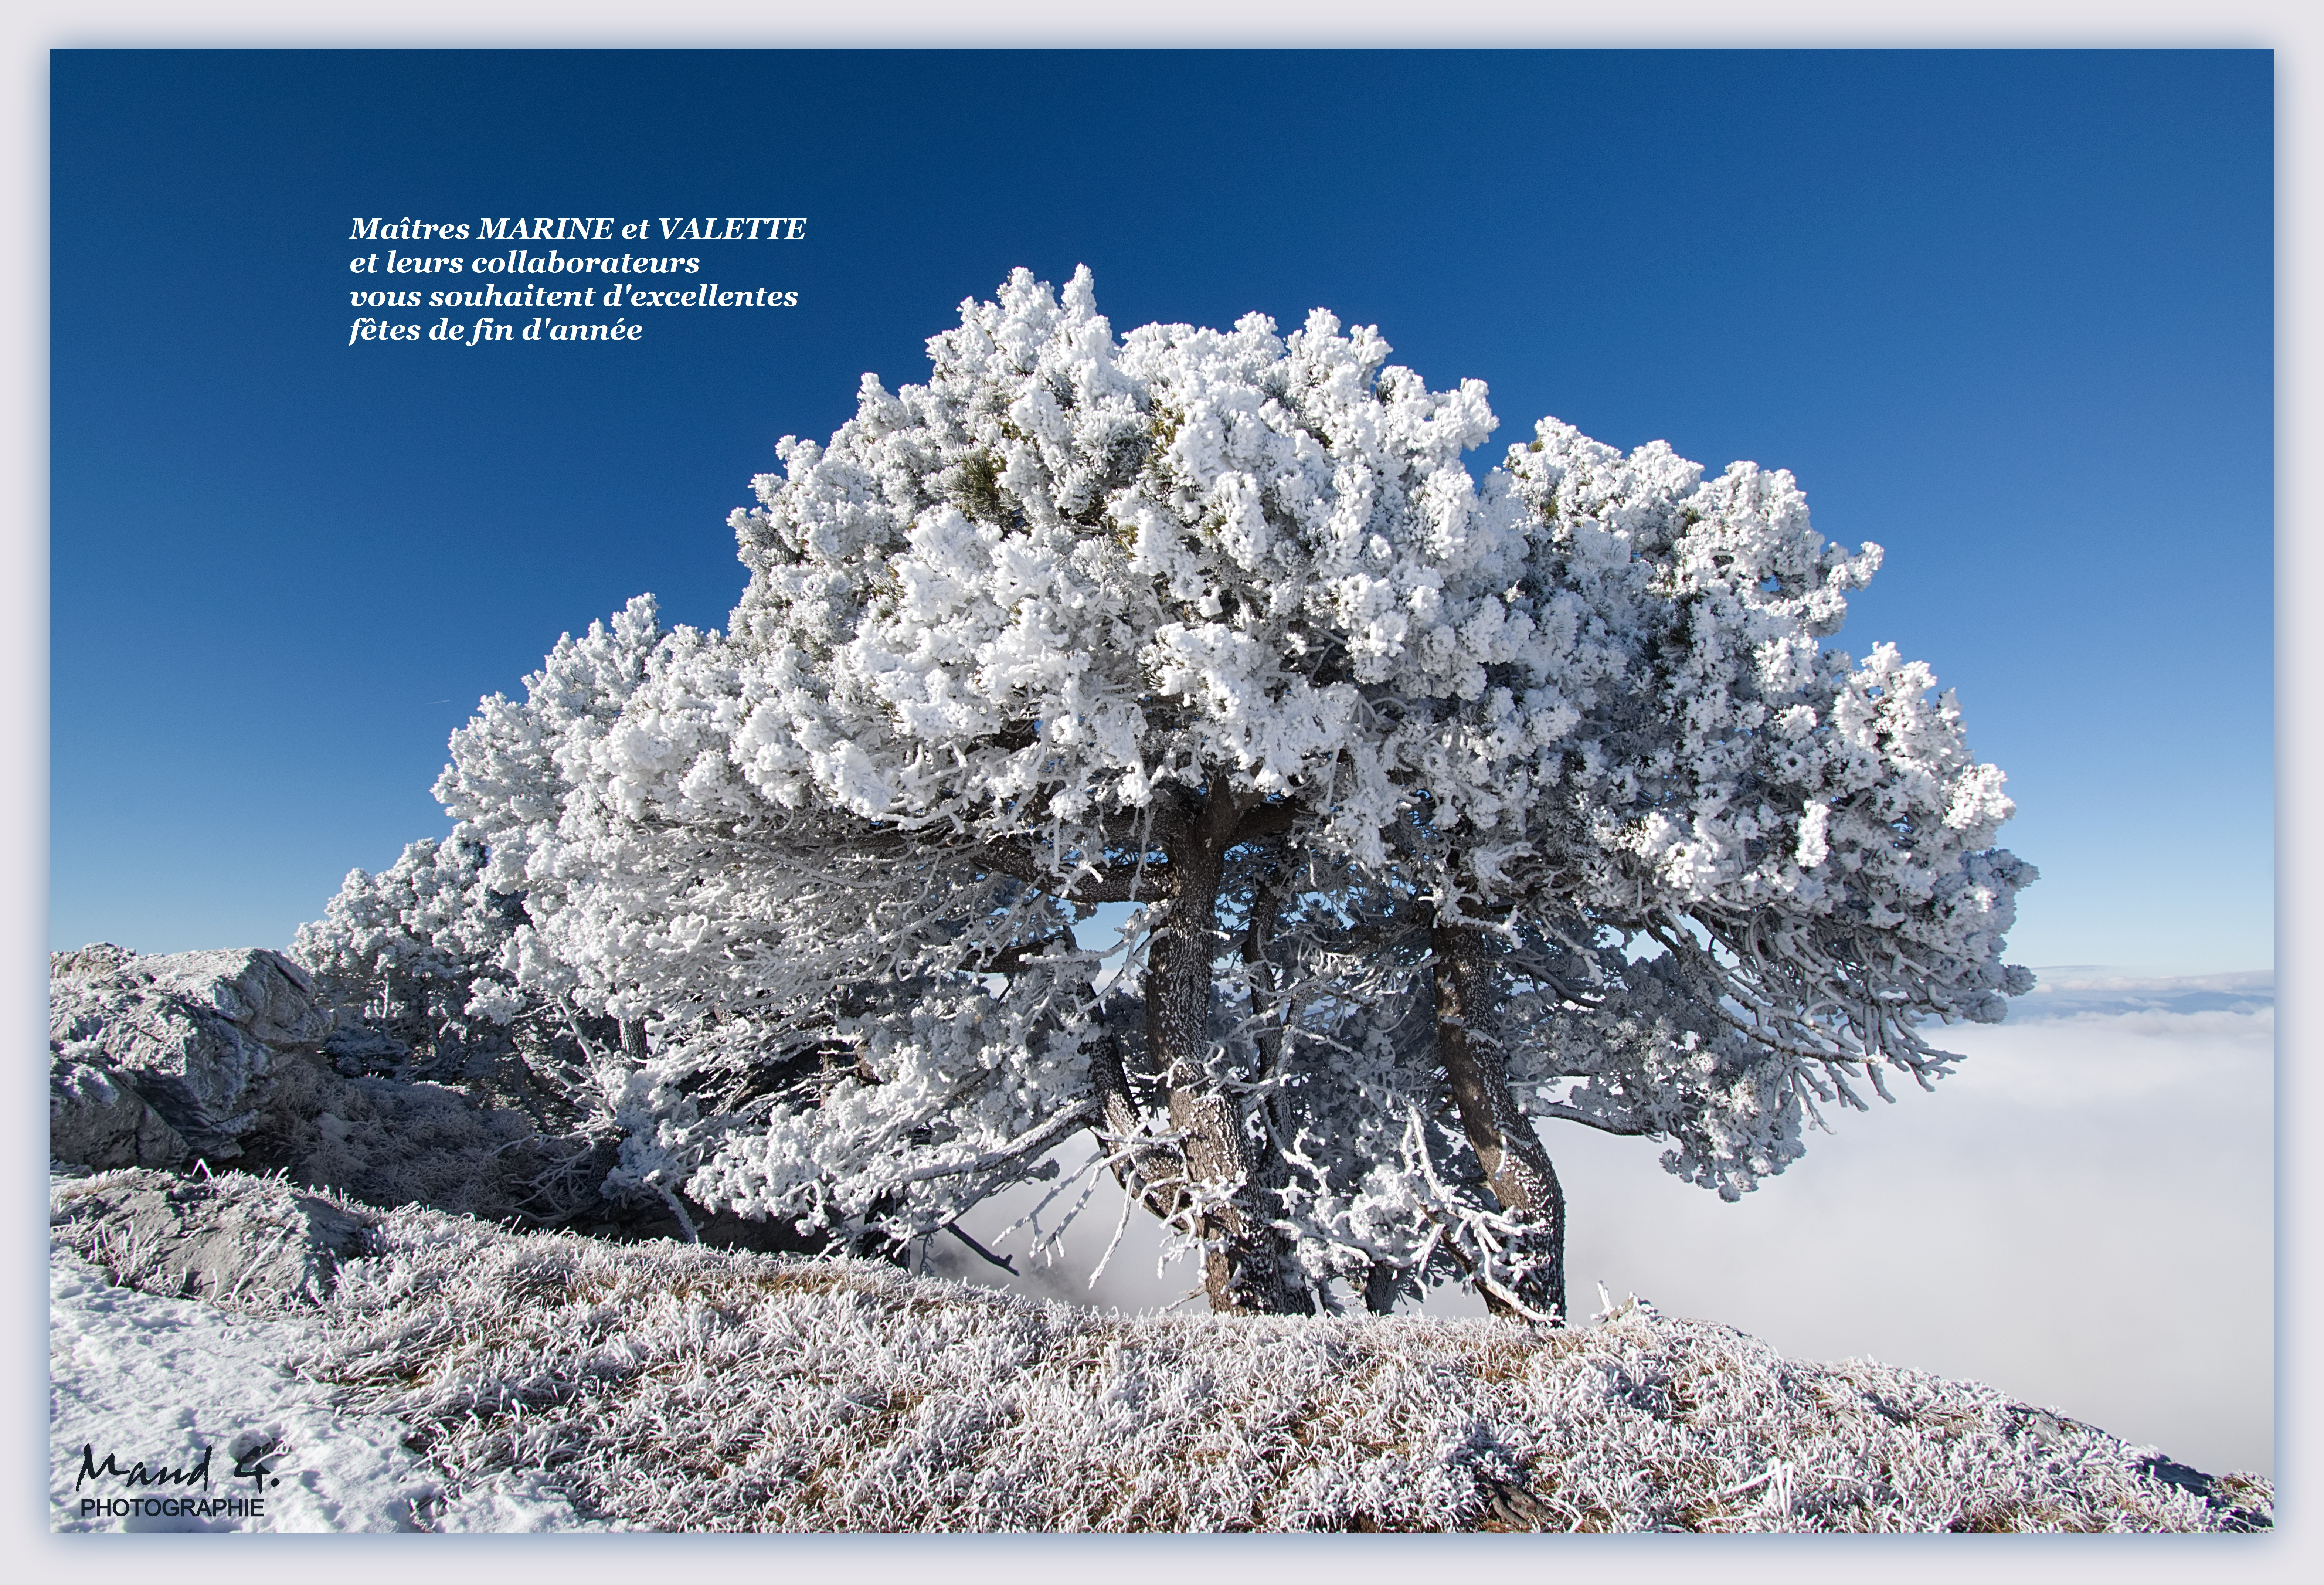 https://valette-et-marine.notaires.fr/wp-content/uploads/2019/12/vue-neige-jpg.jpg